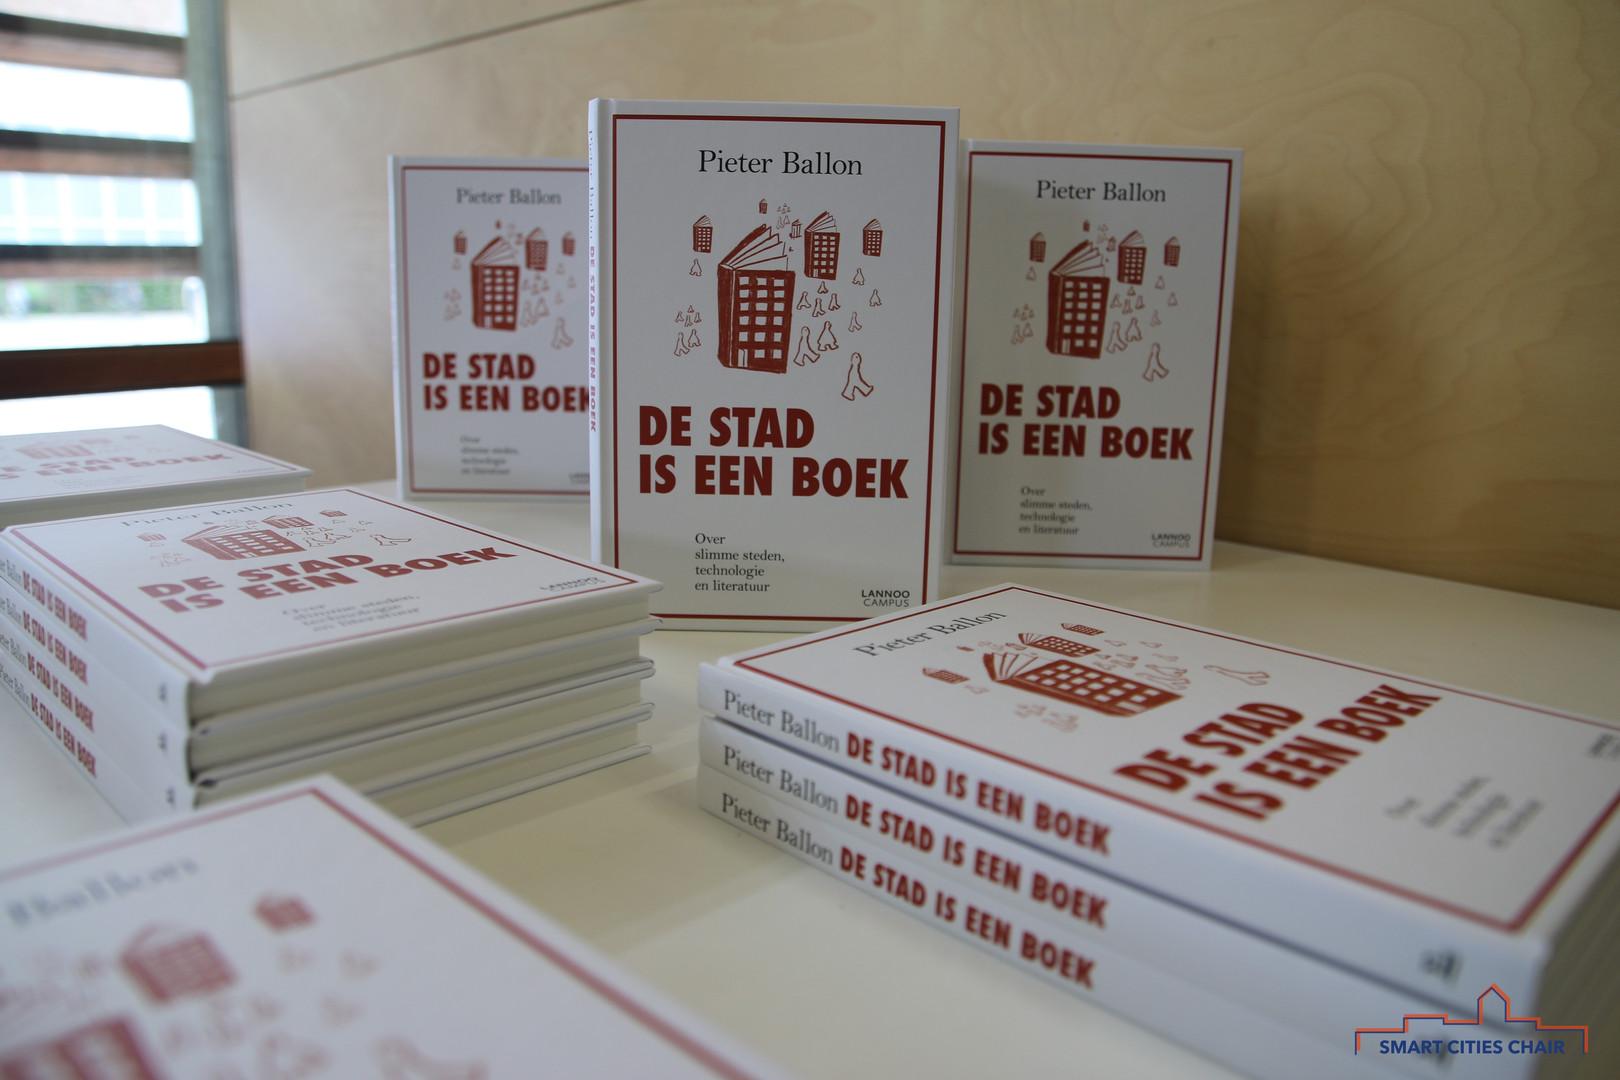 De stad is een boek